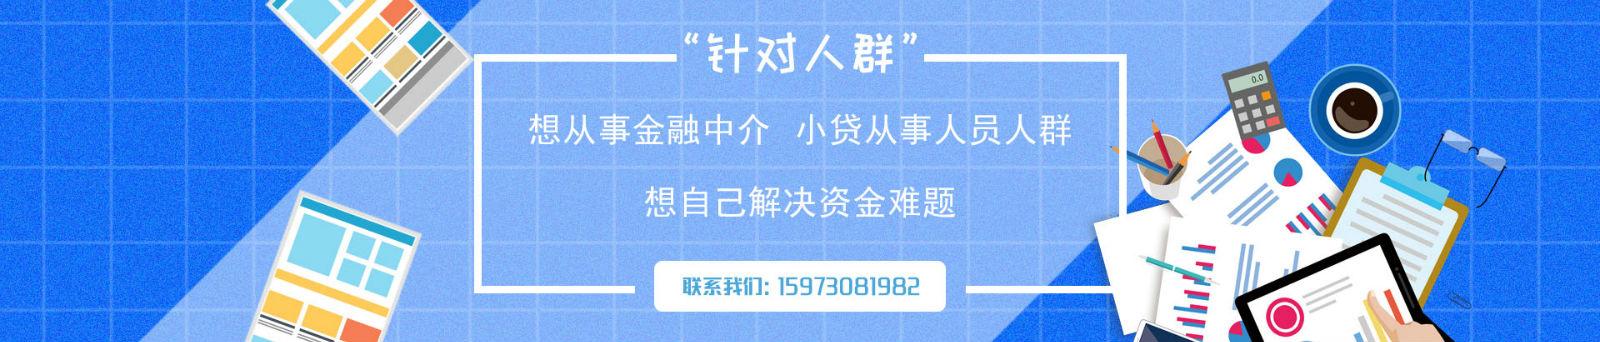 湖南全道提供专业网贷培训学校服务,用心服务于客户